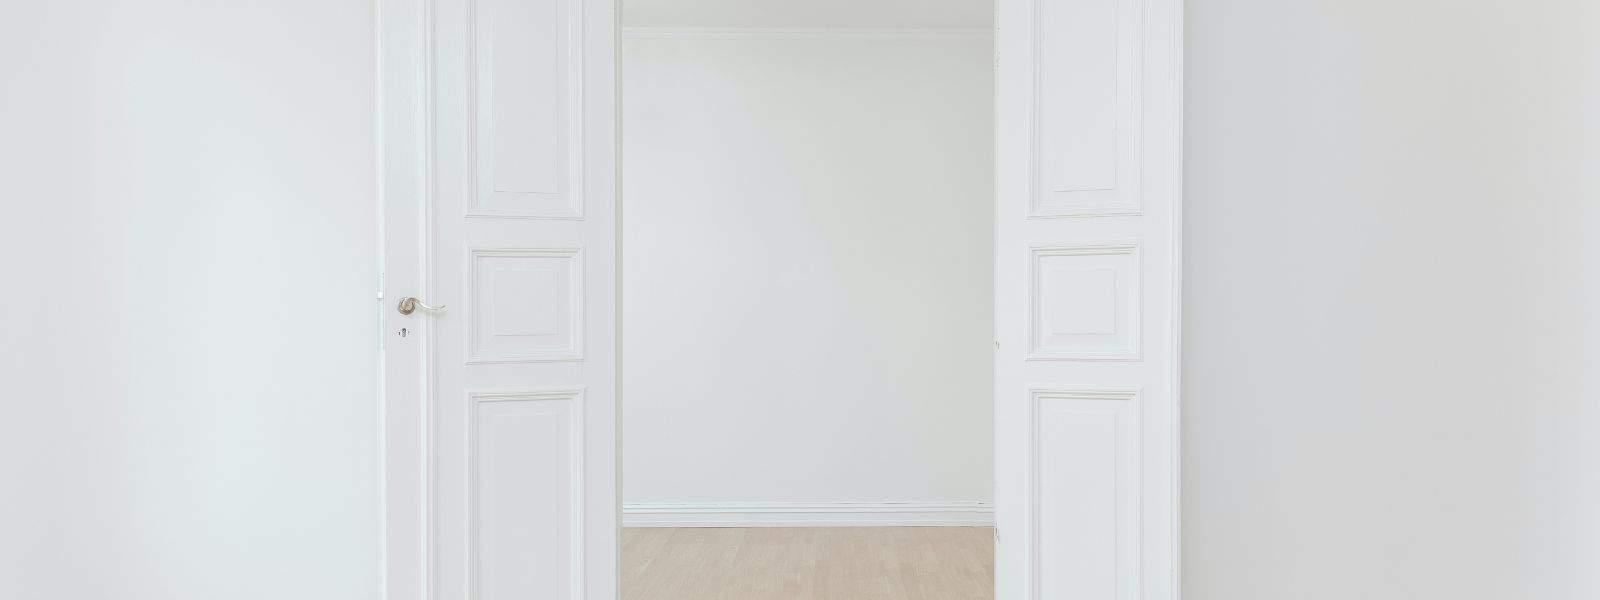 Zimmertüren kaufen auf restado